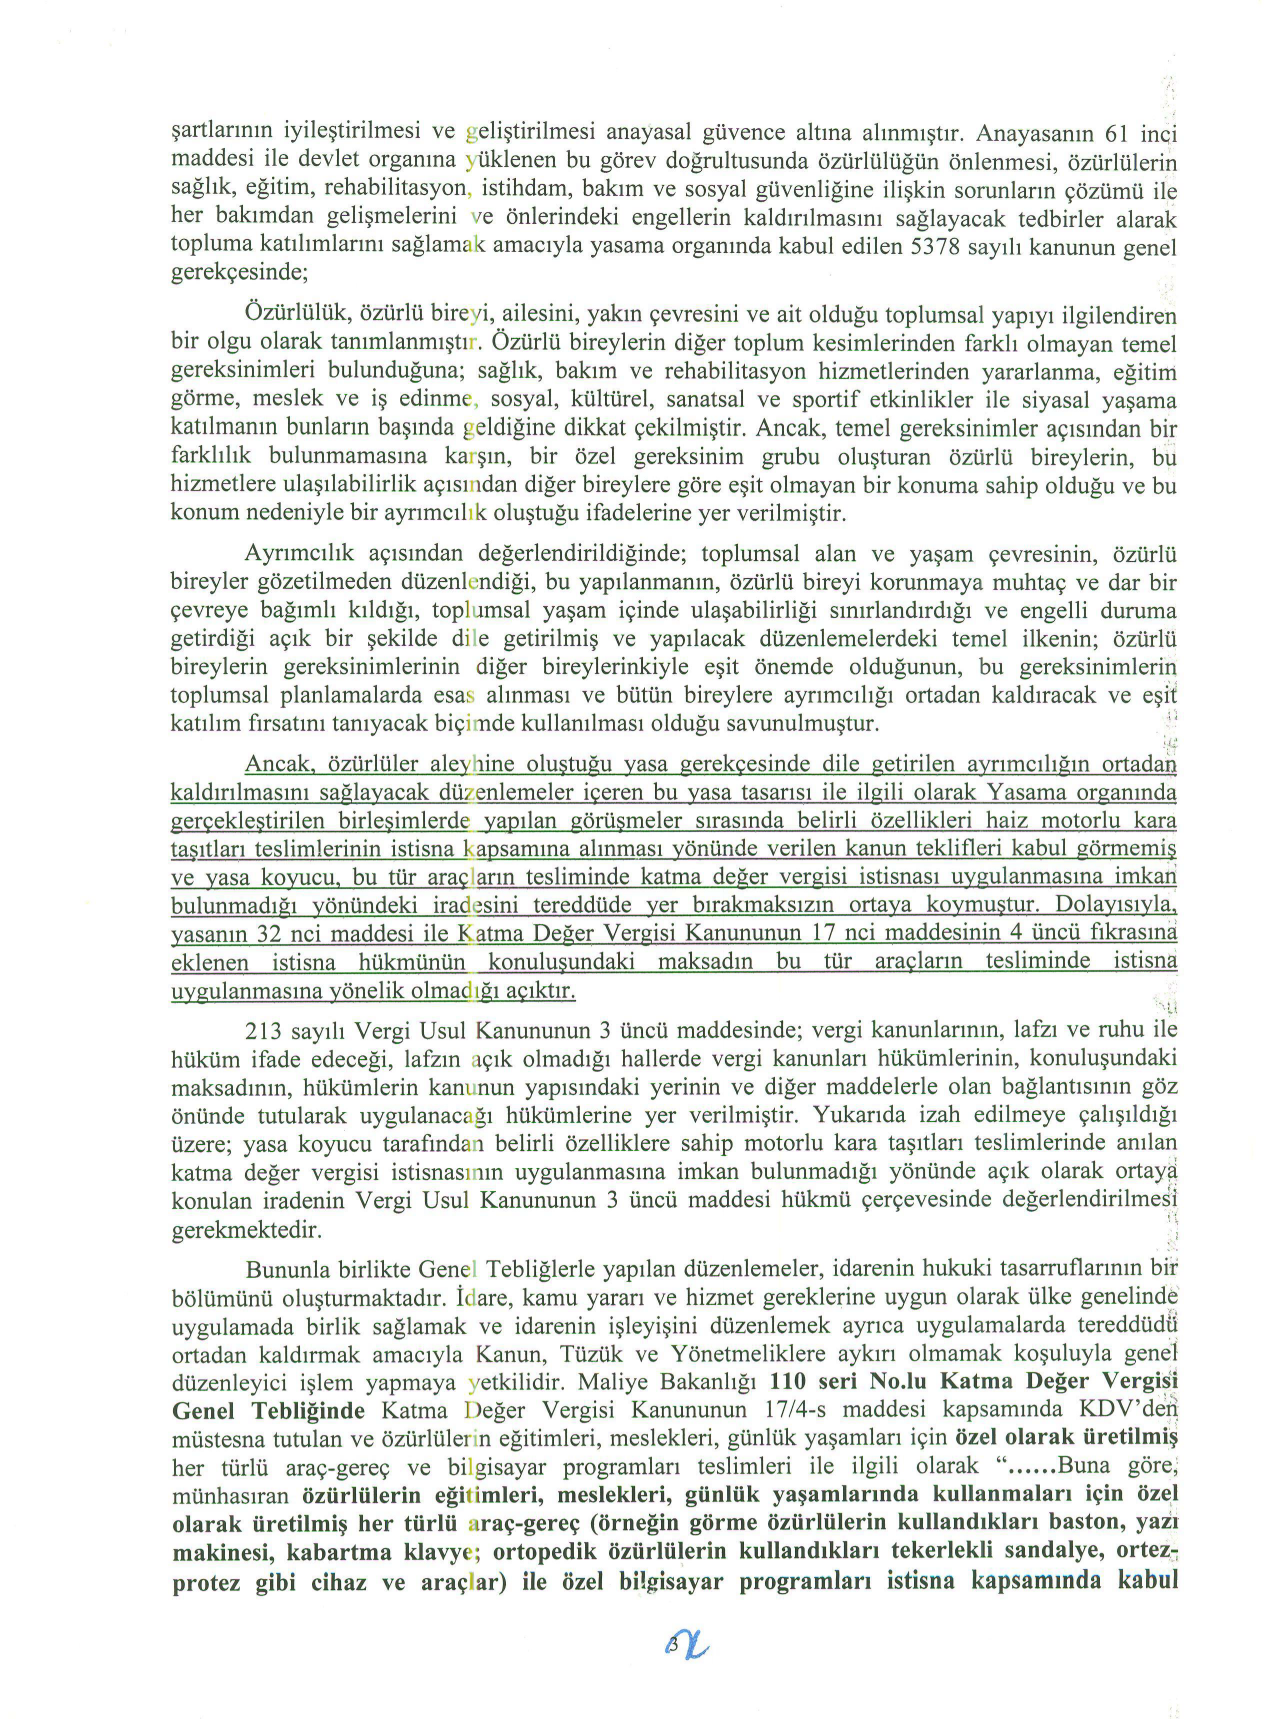 Istanbul BMVD savunma3 - Sakat statüsünde alınan araç için ödenen KDV'nin geri alınması işlemleri ve süreç